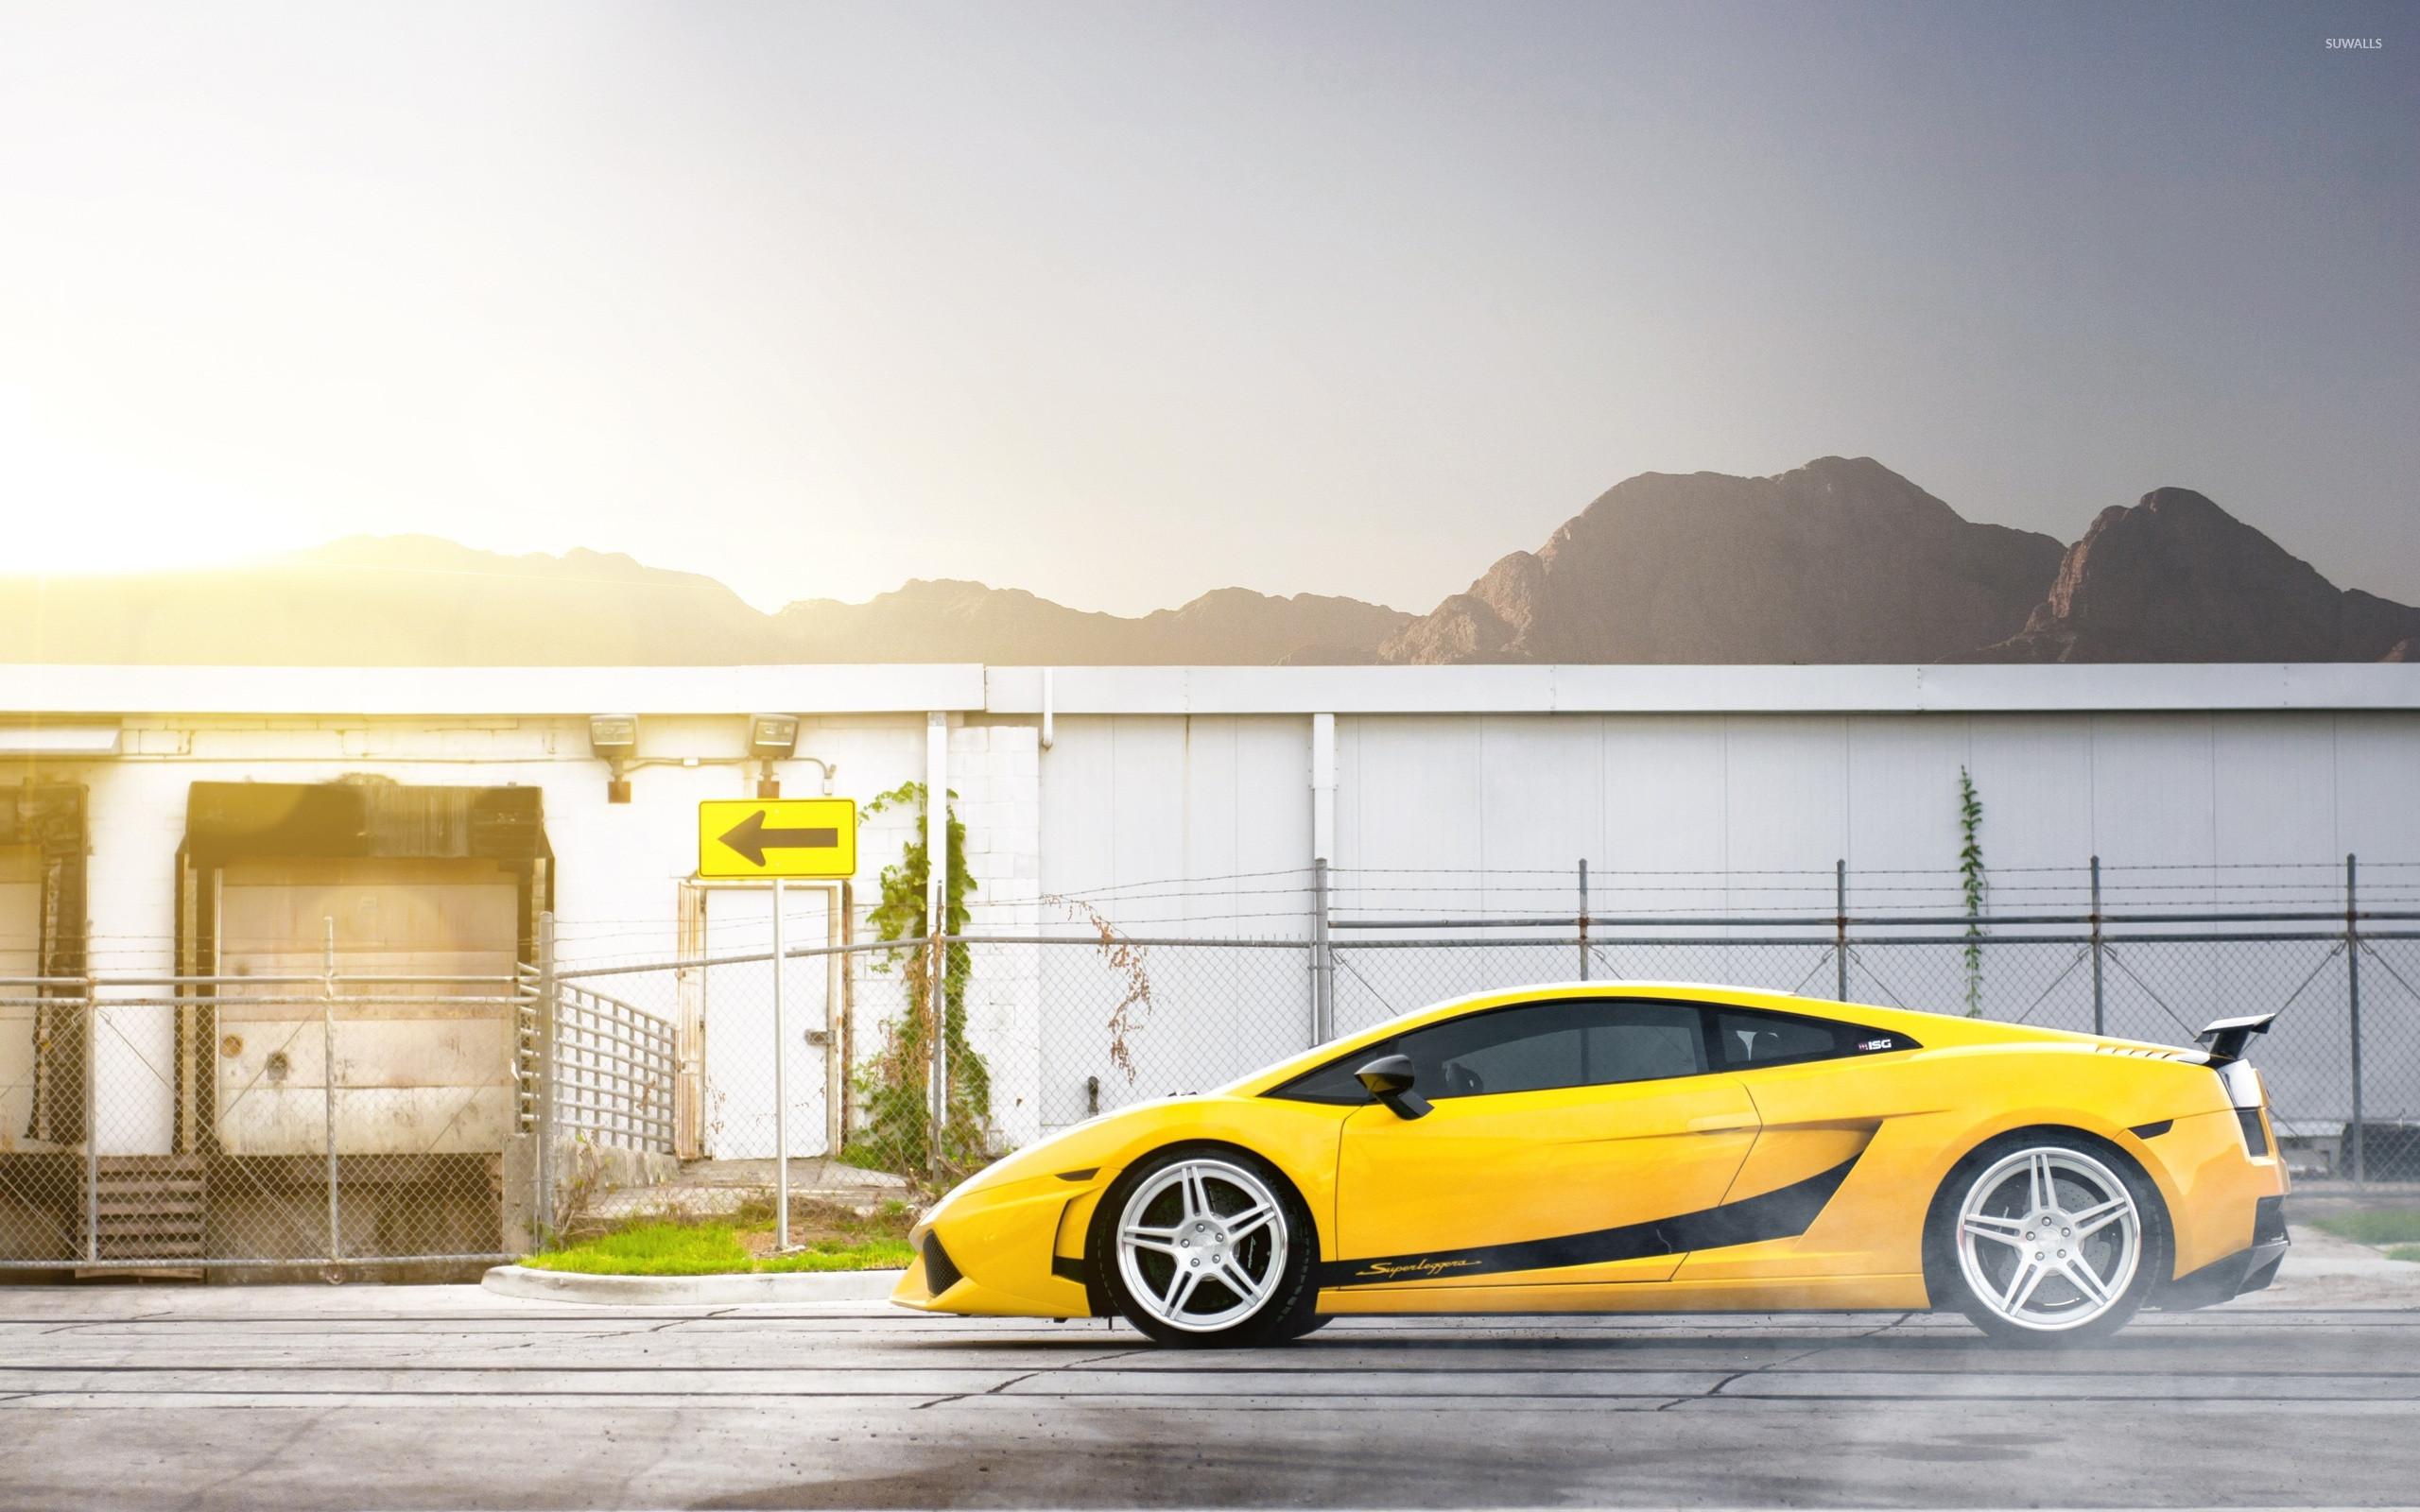 2013 lamborghini gallardo superleggera wallpaper - Lamborghini Gallardo Superleggera Wallpaper